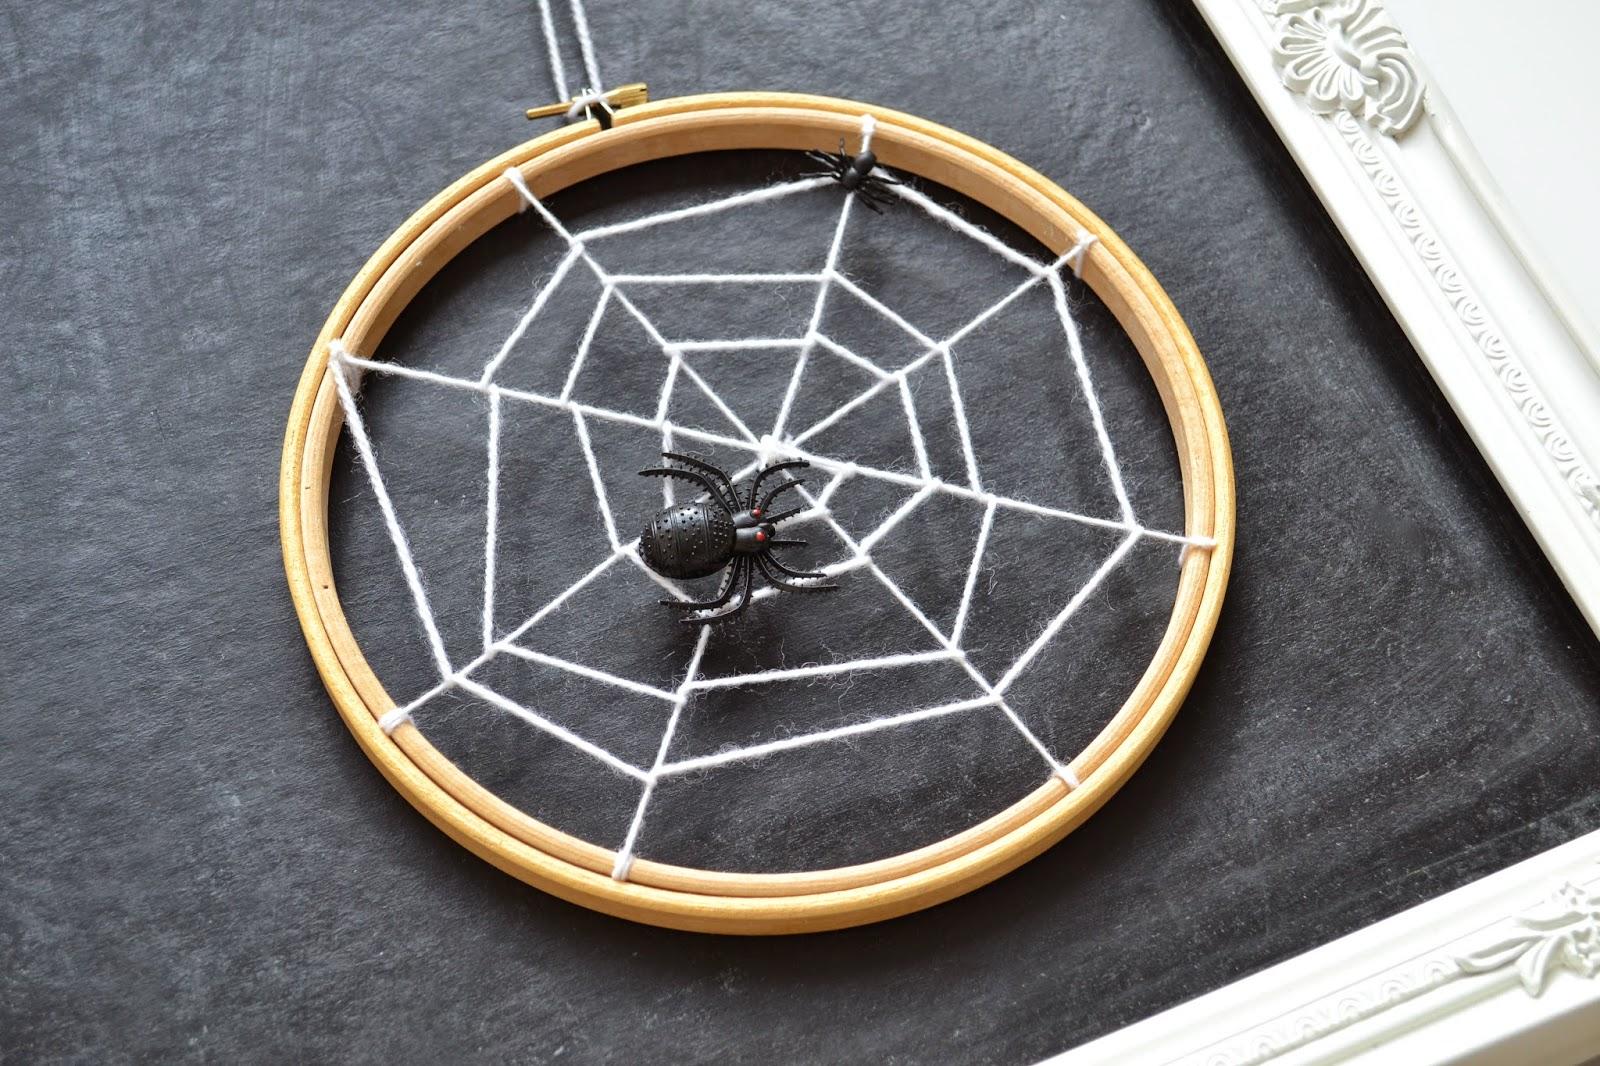 DIY spiderweb artwork of an embroidery hoop